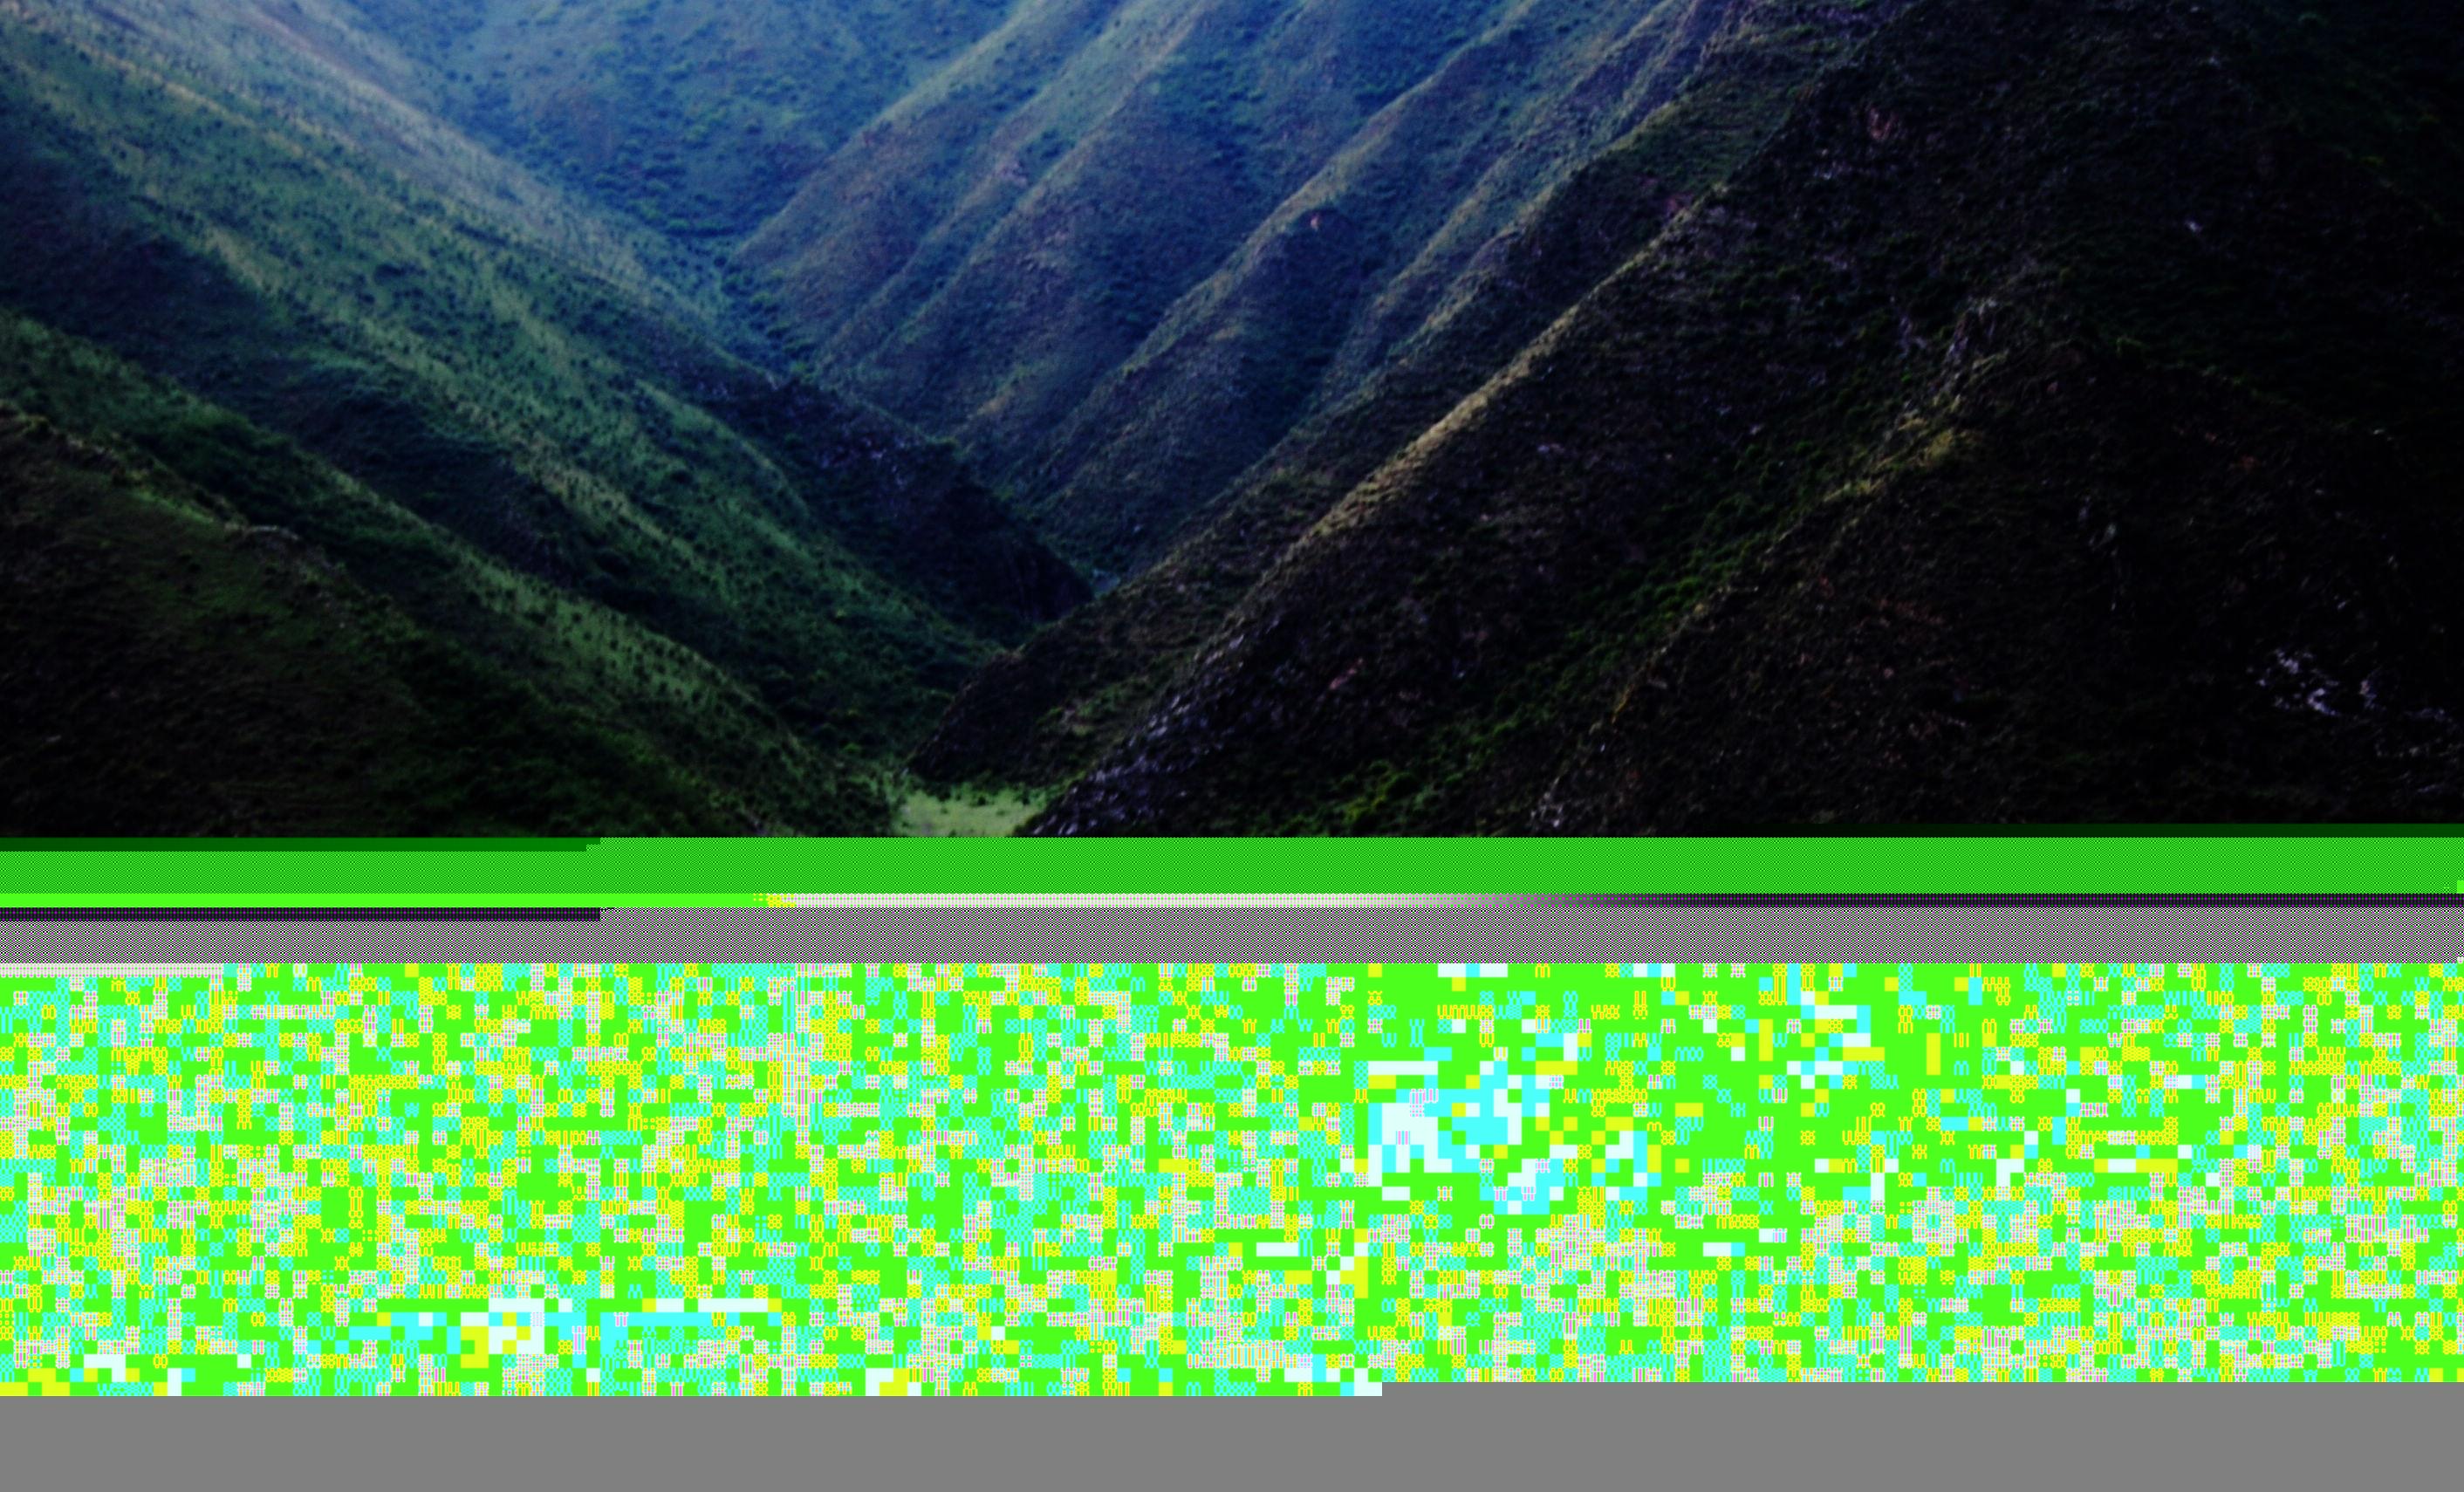 郎木寺-甘南-郎木寺乡是甘南藏族自治州碌曲县下辖的